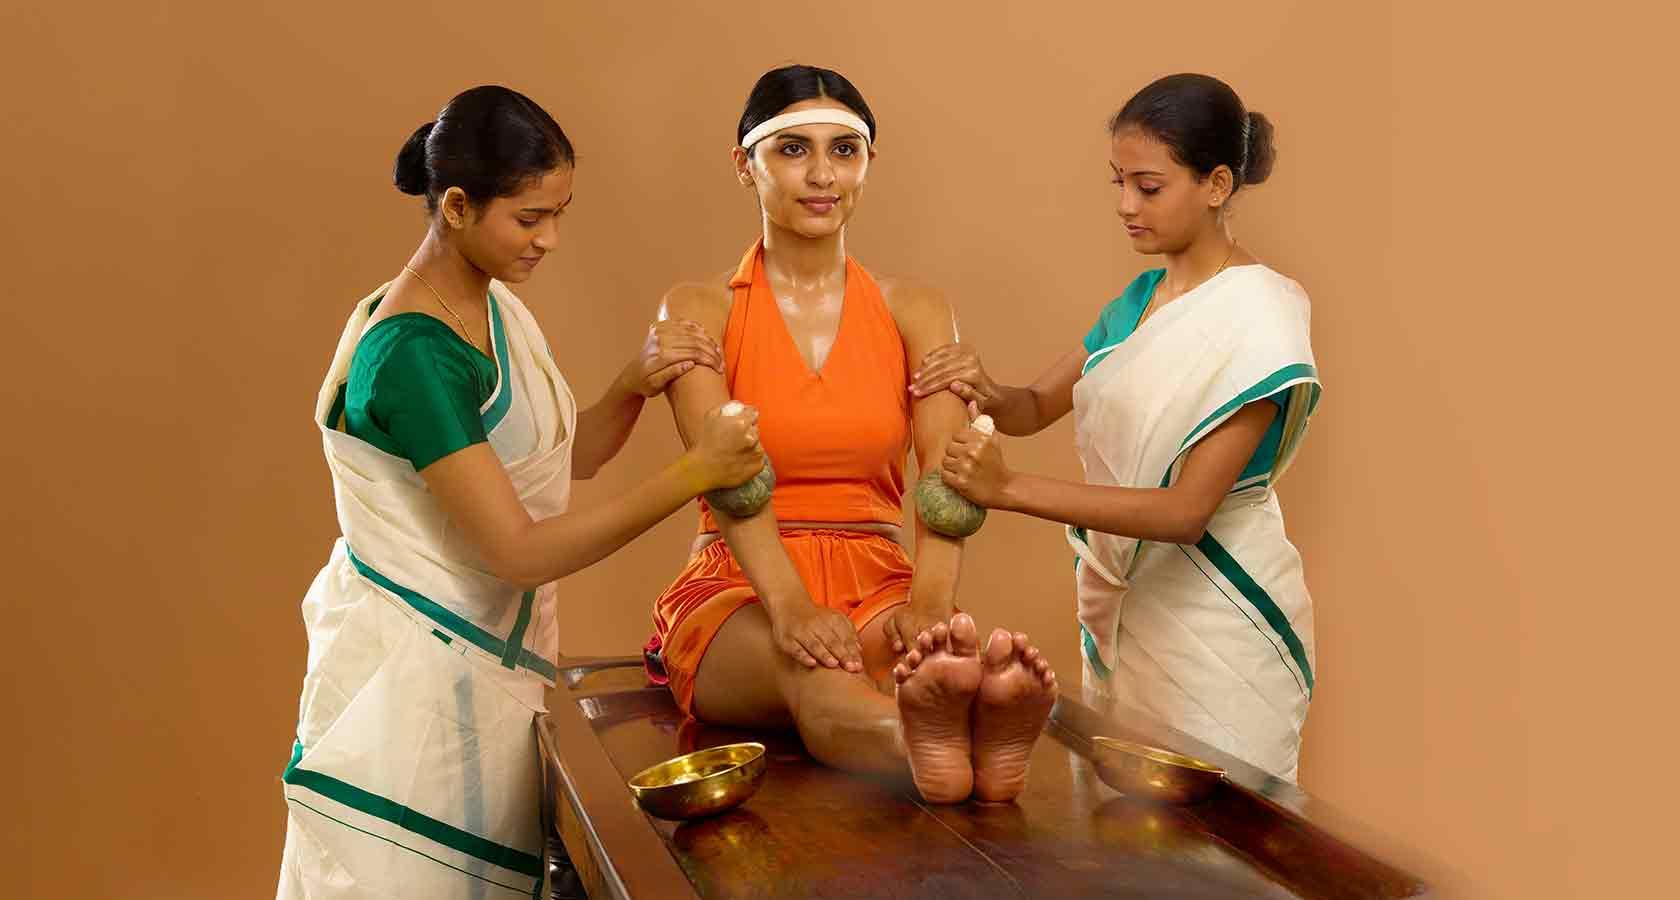 Kerala's Ayurveda